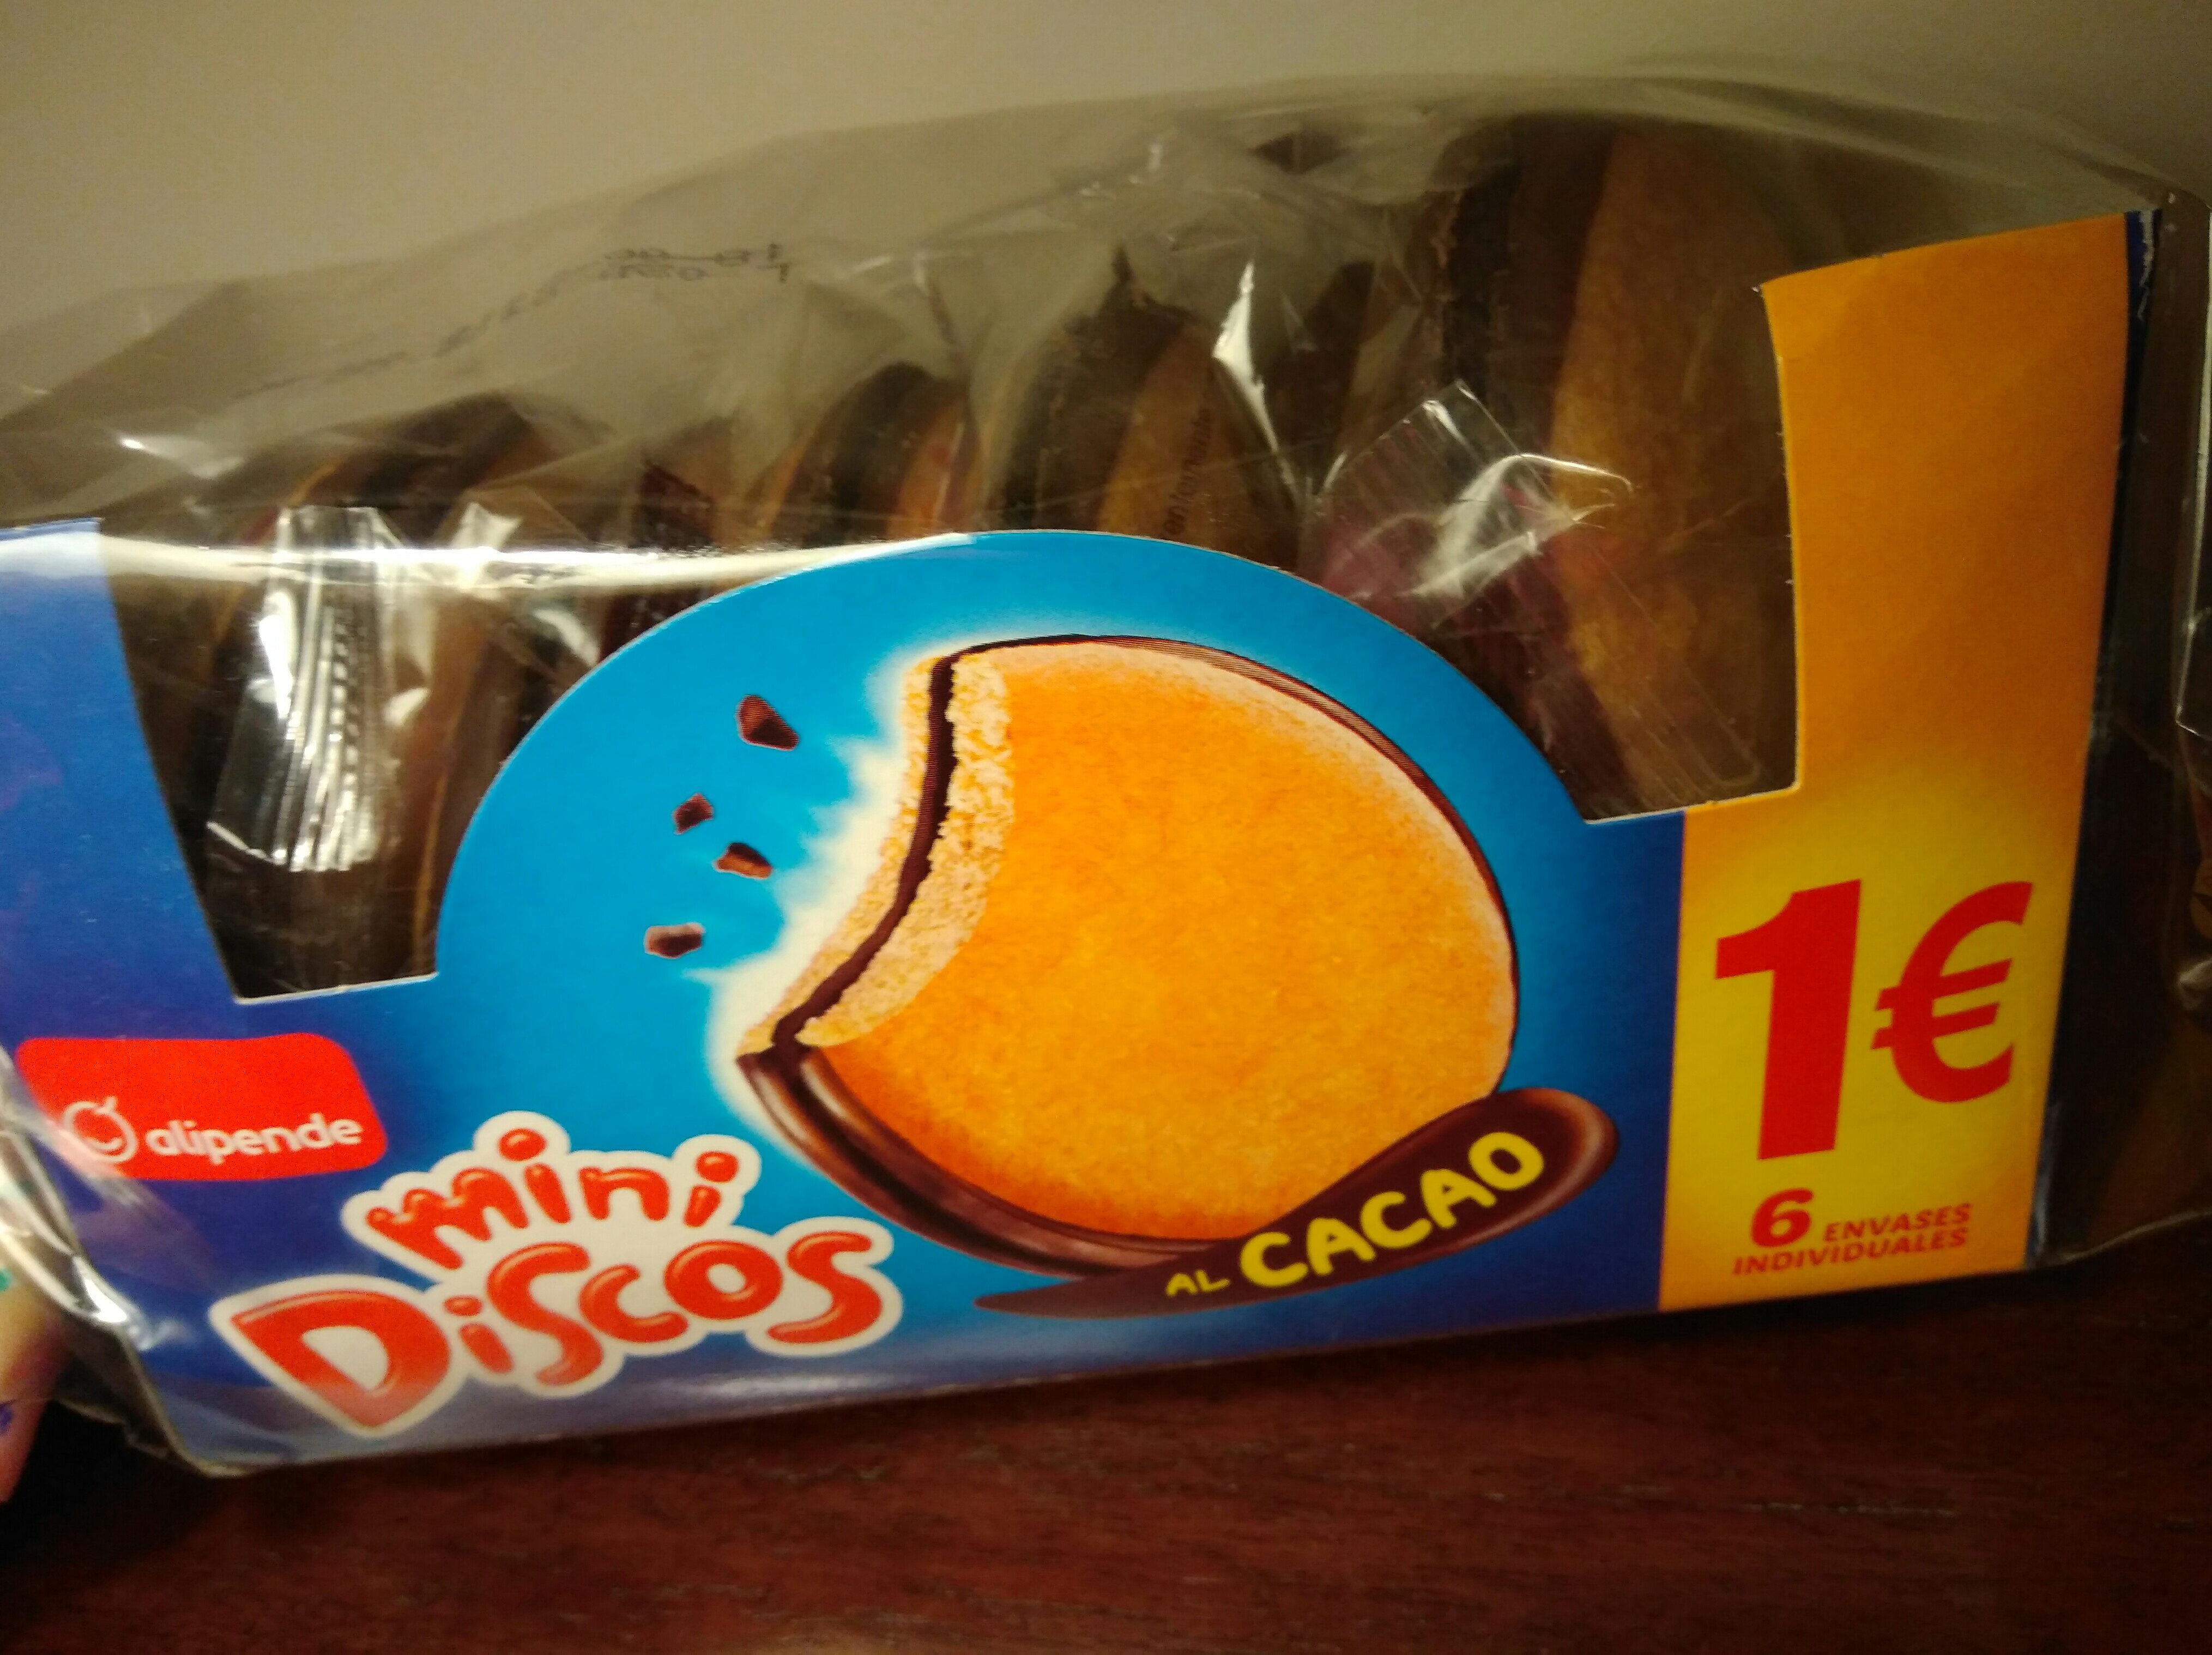 Mini discos al cacao - Producto - es